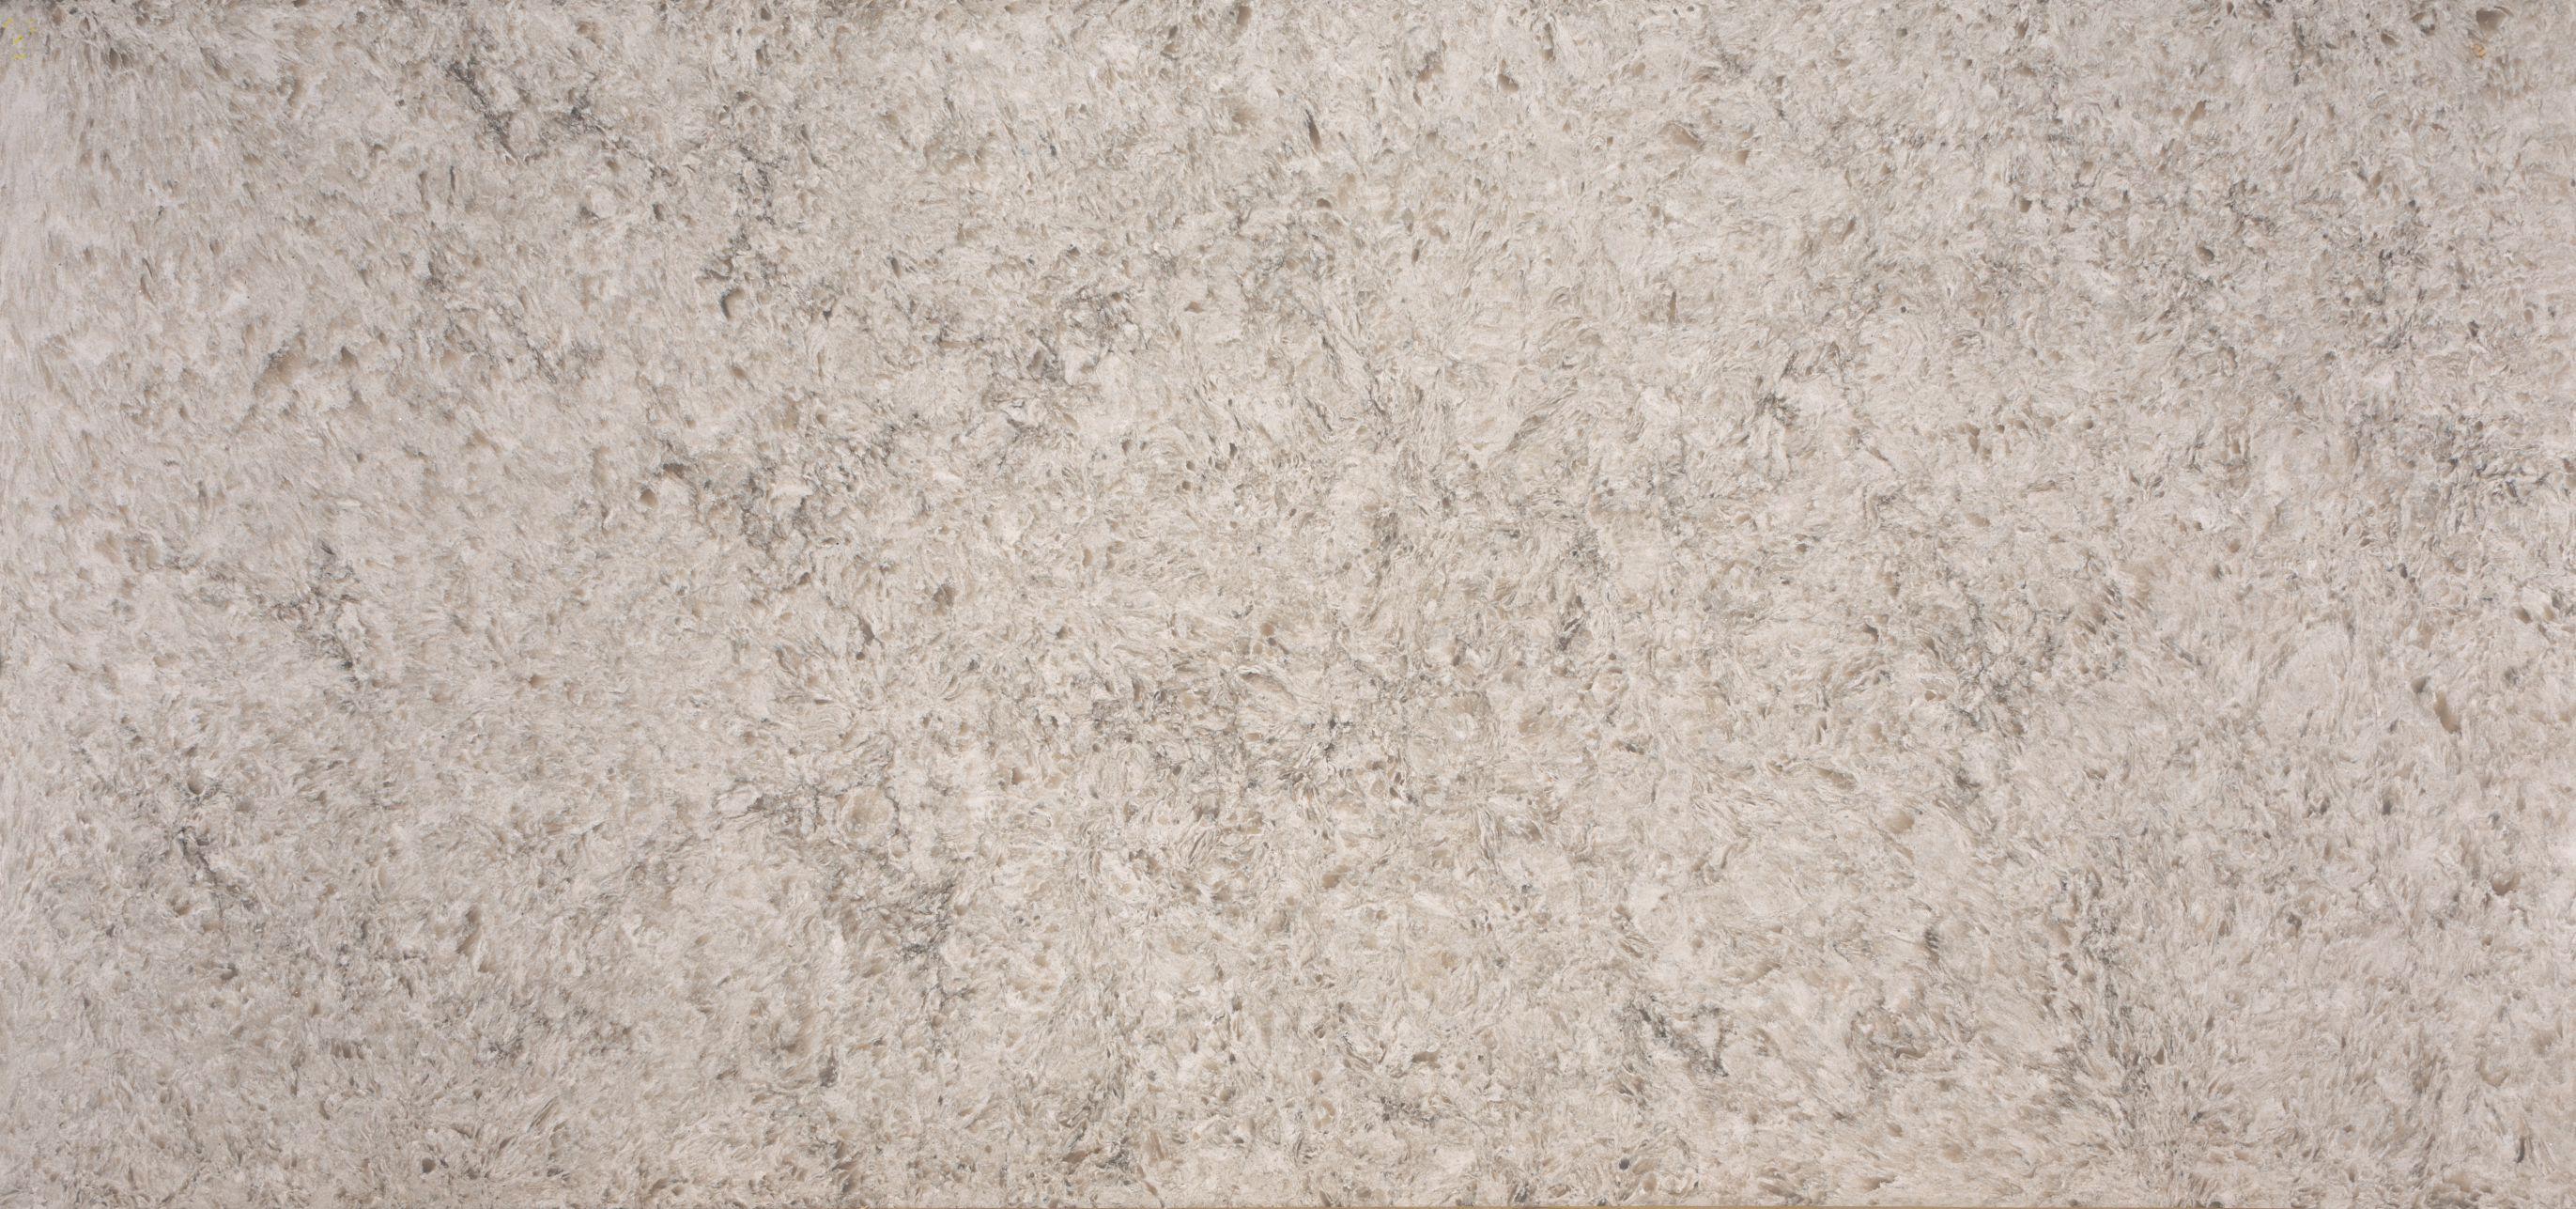 שיש אבן קיסר דגם 6607 תמונה ראשית